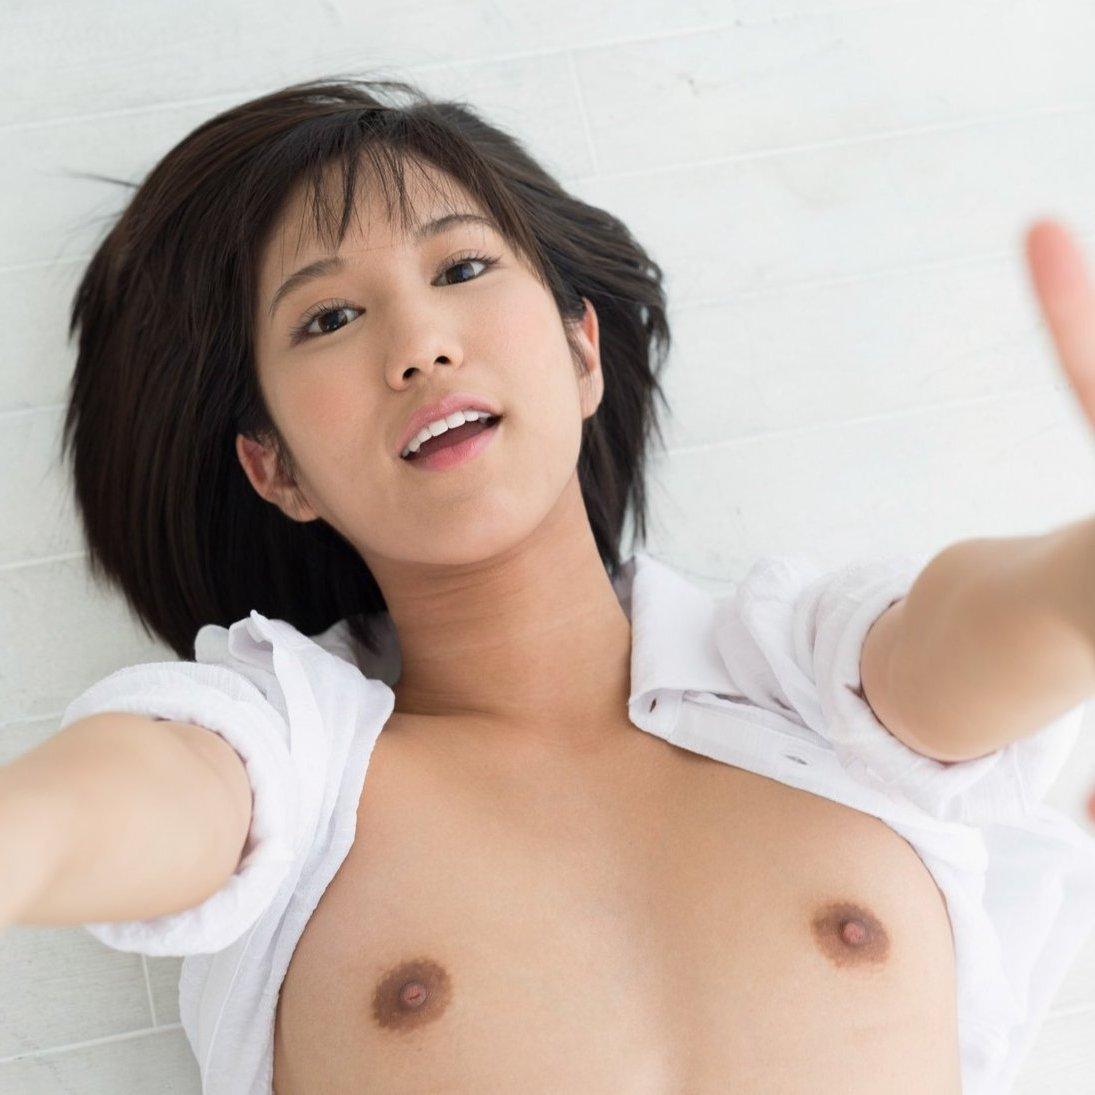 本能の赴くまま絶頂SEXを楽しむ、湊莉久 (1)